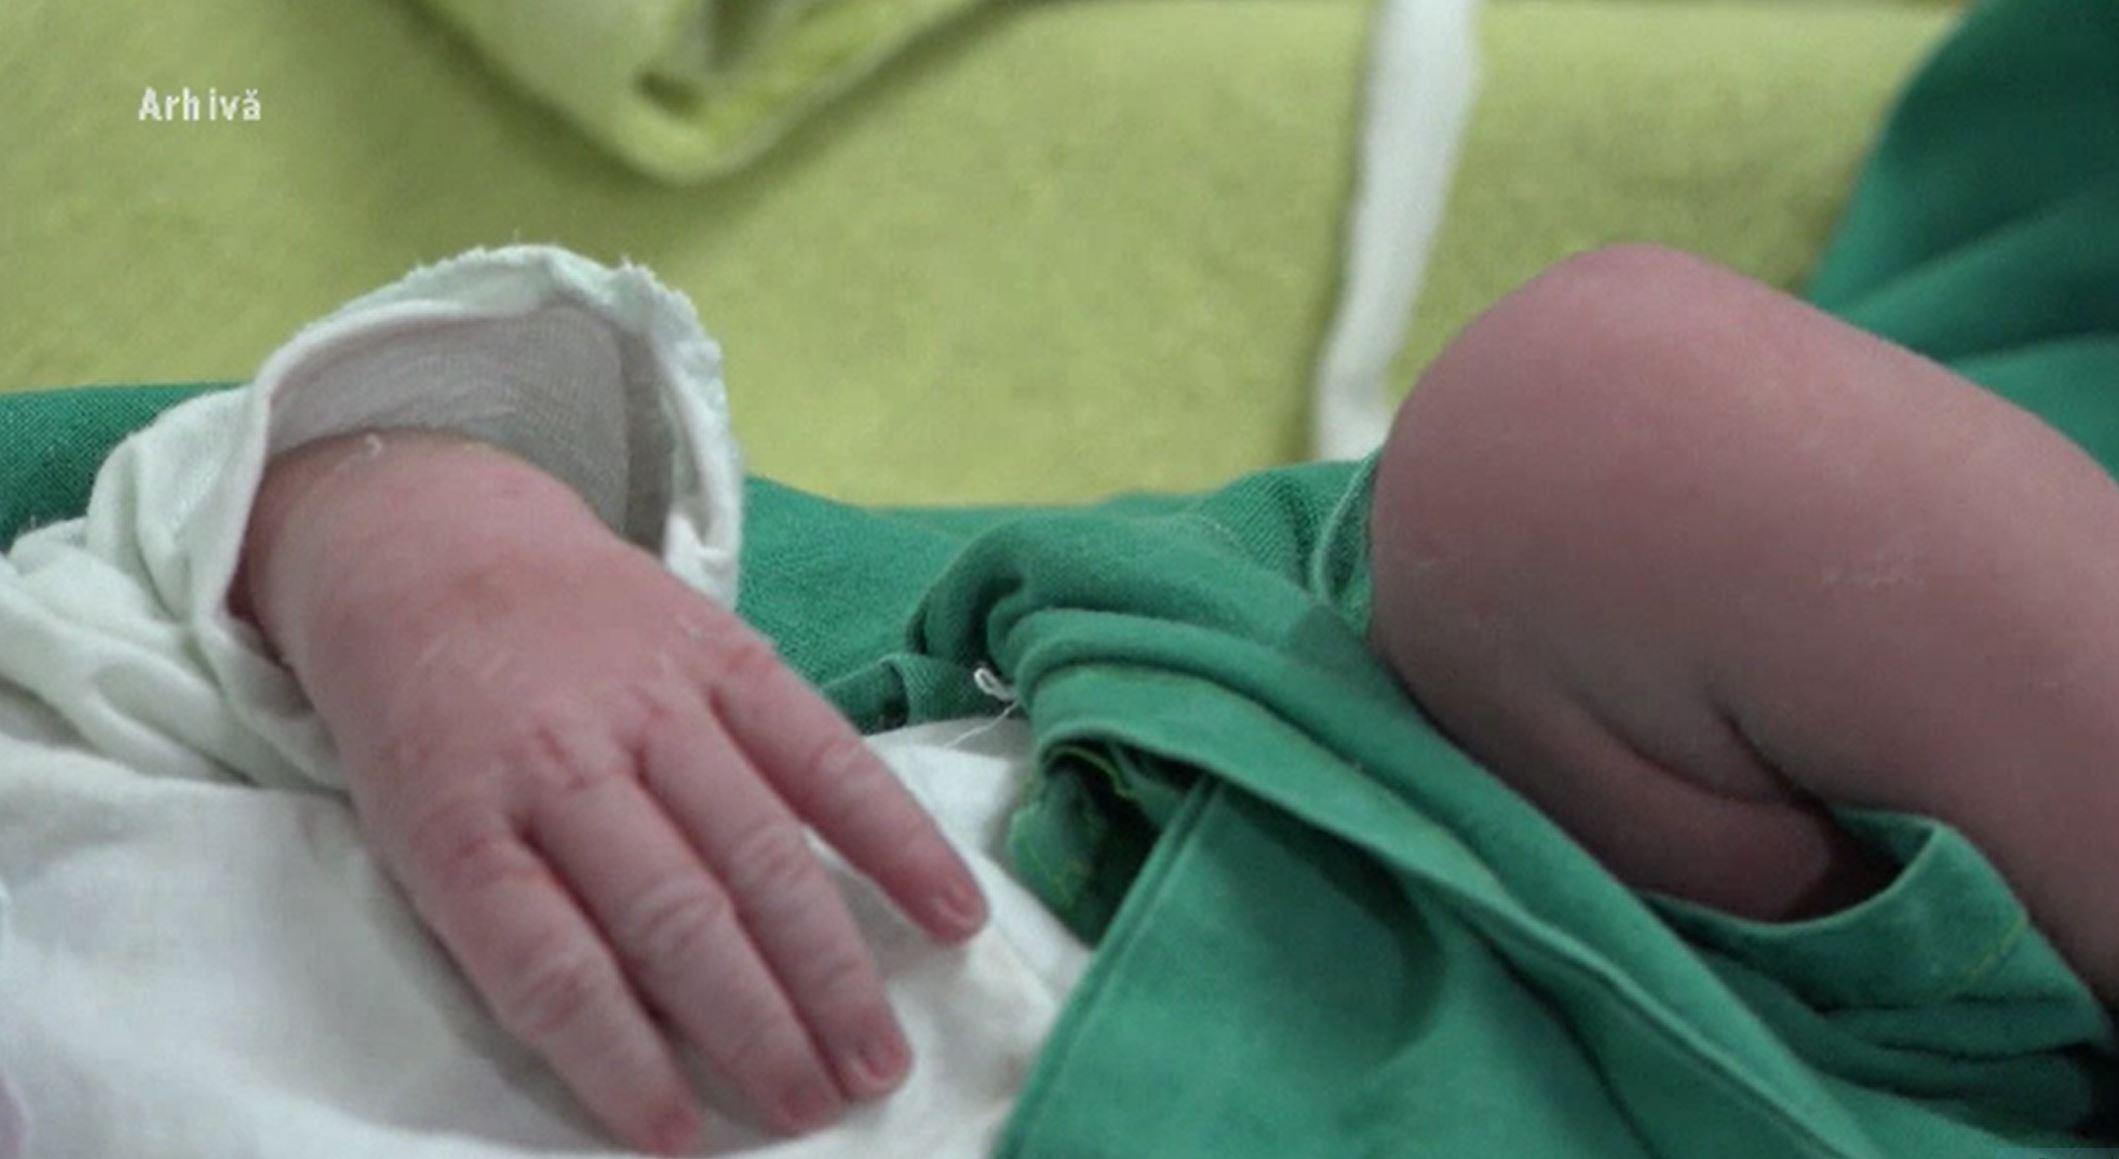 Noi detalii în cazul bărbatului din Galați care și-a dus bebelușul la spital în stare gravă. Ce au descoperit anchetatorii